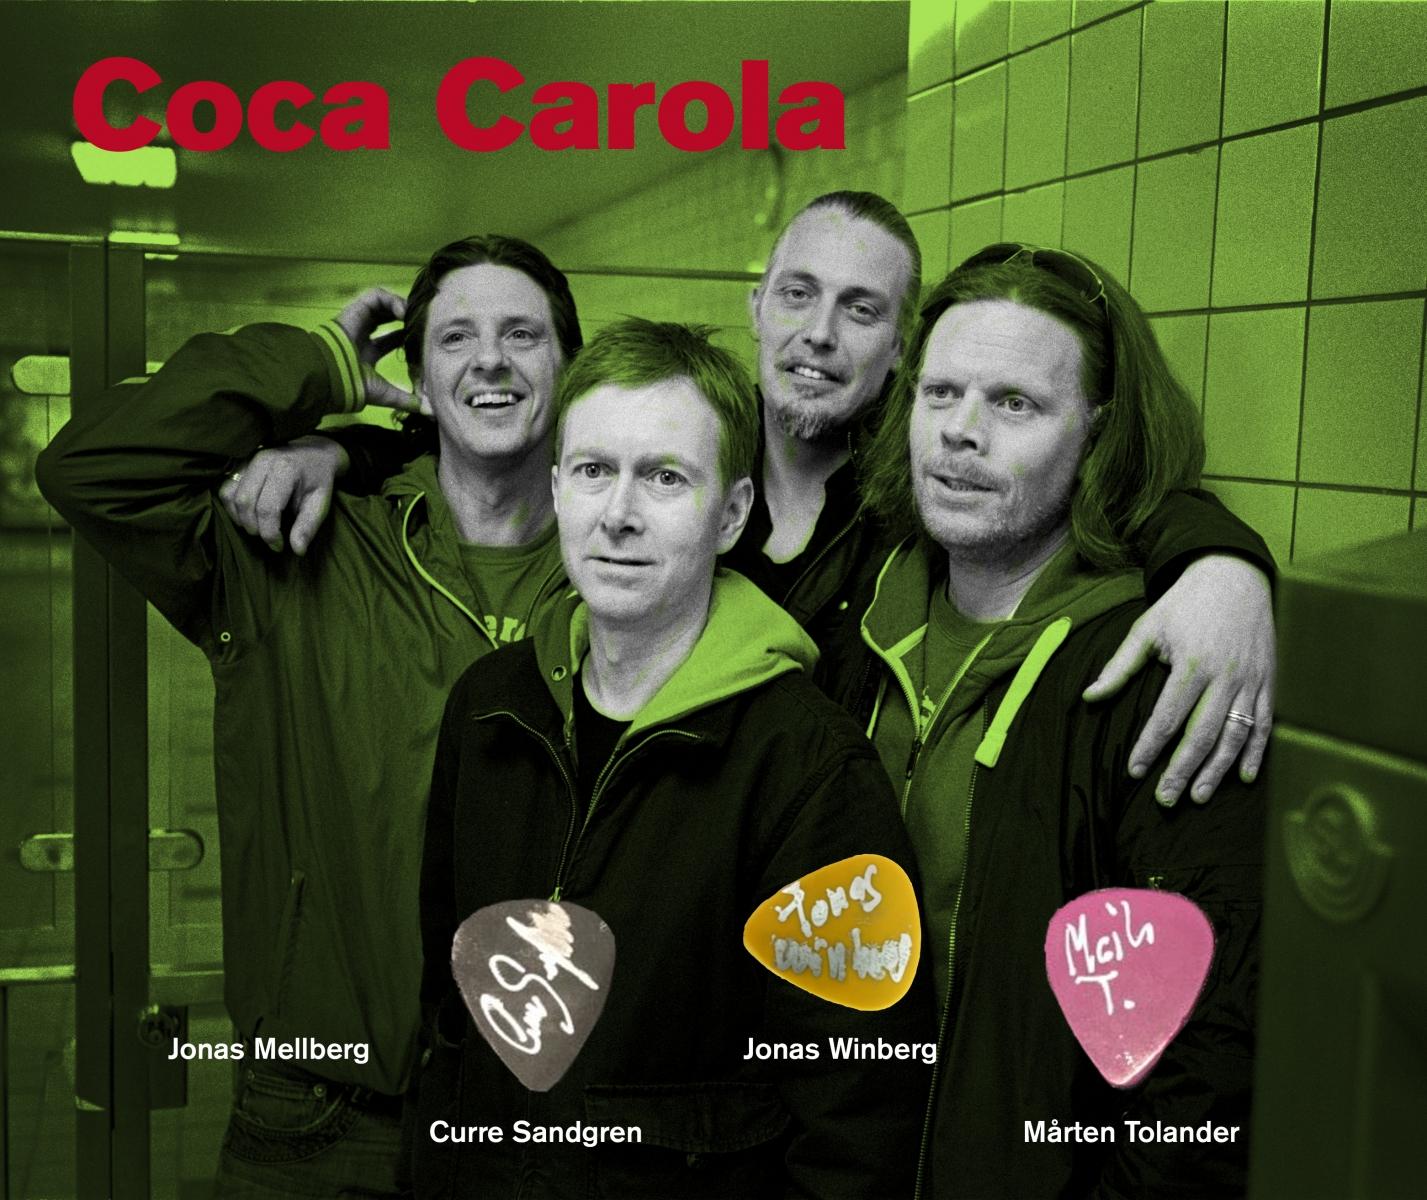 Coca_Carola